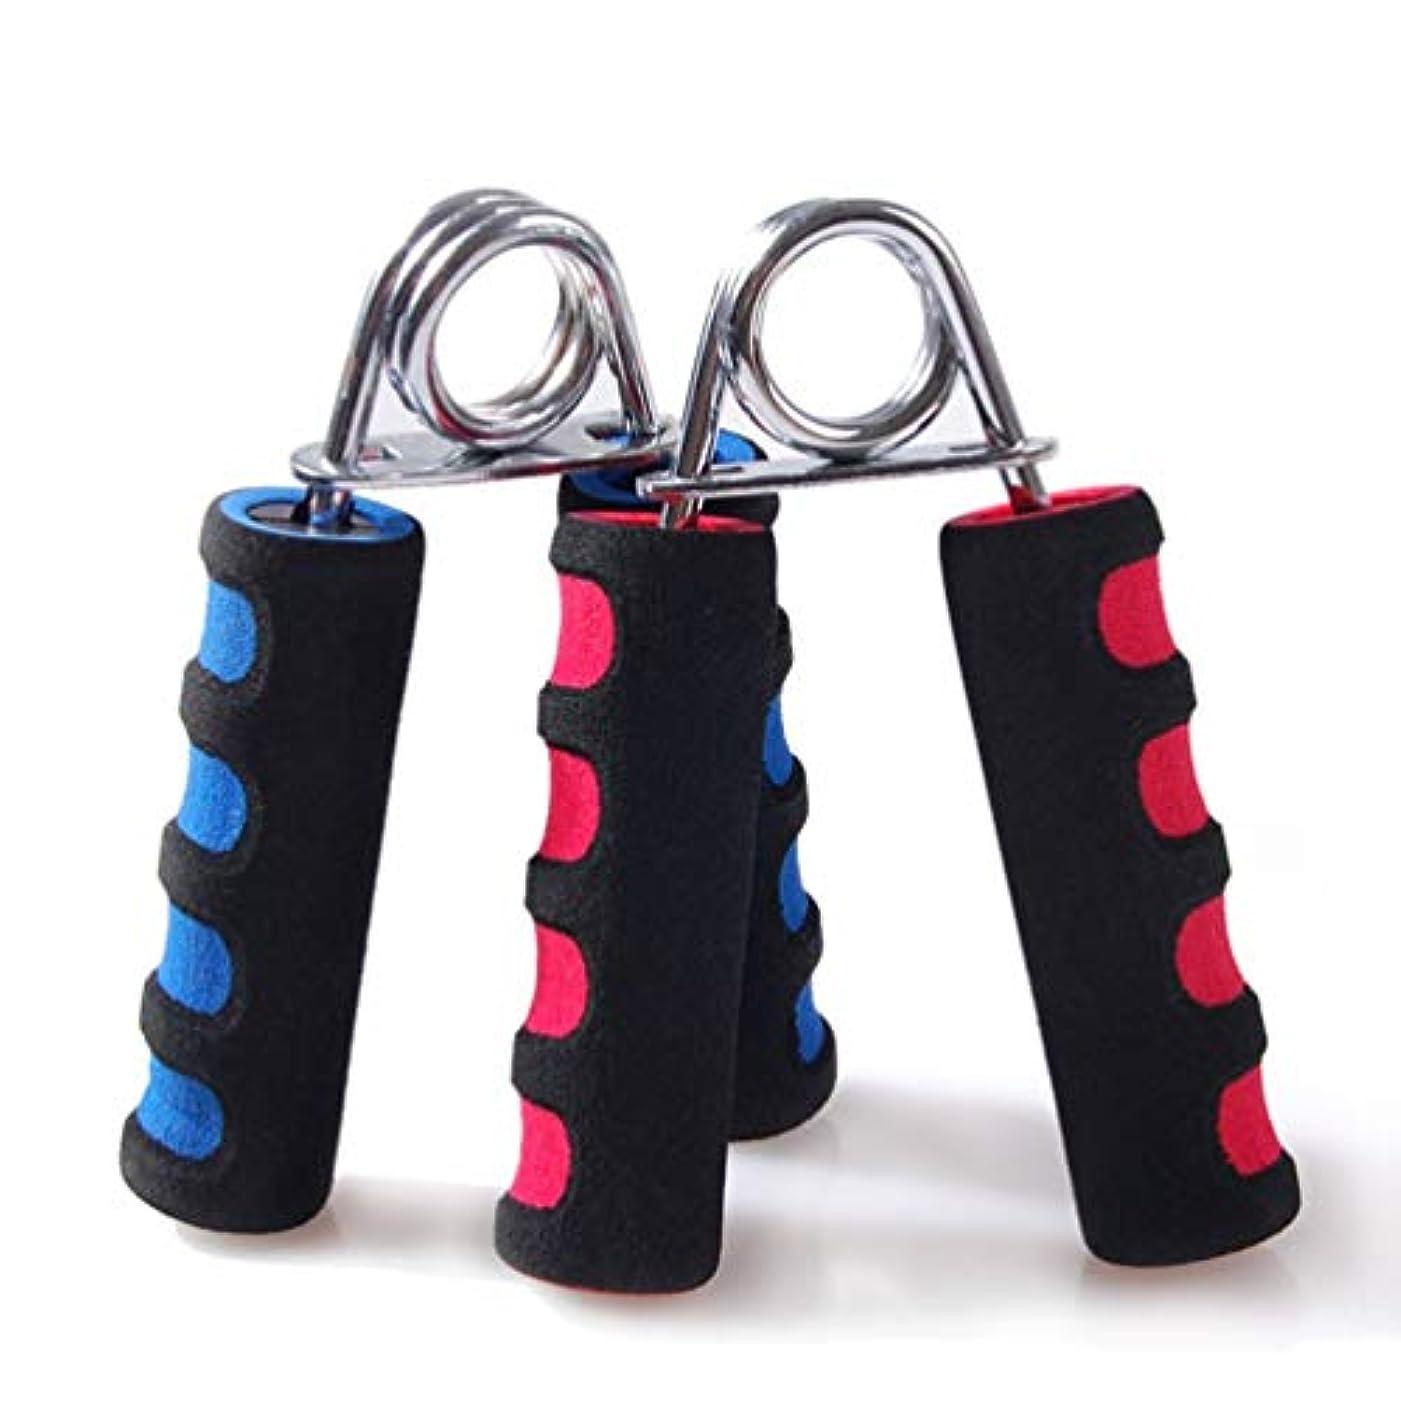 暫定の再現する出費ハンドグリッパーアーム手首エクササイザフィットネスグリップジムと毎日の運動のためのヘビーストレングストレーナー - カラーランダム